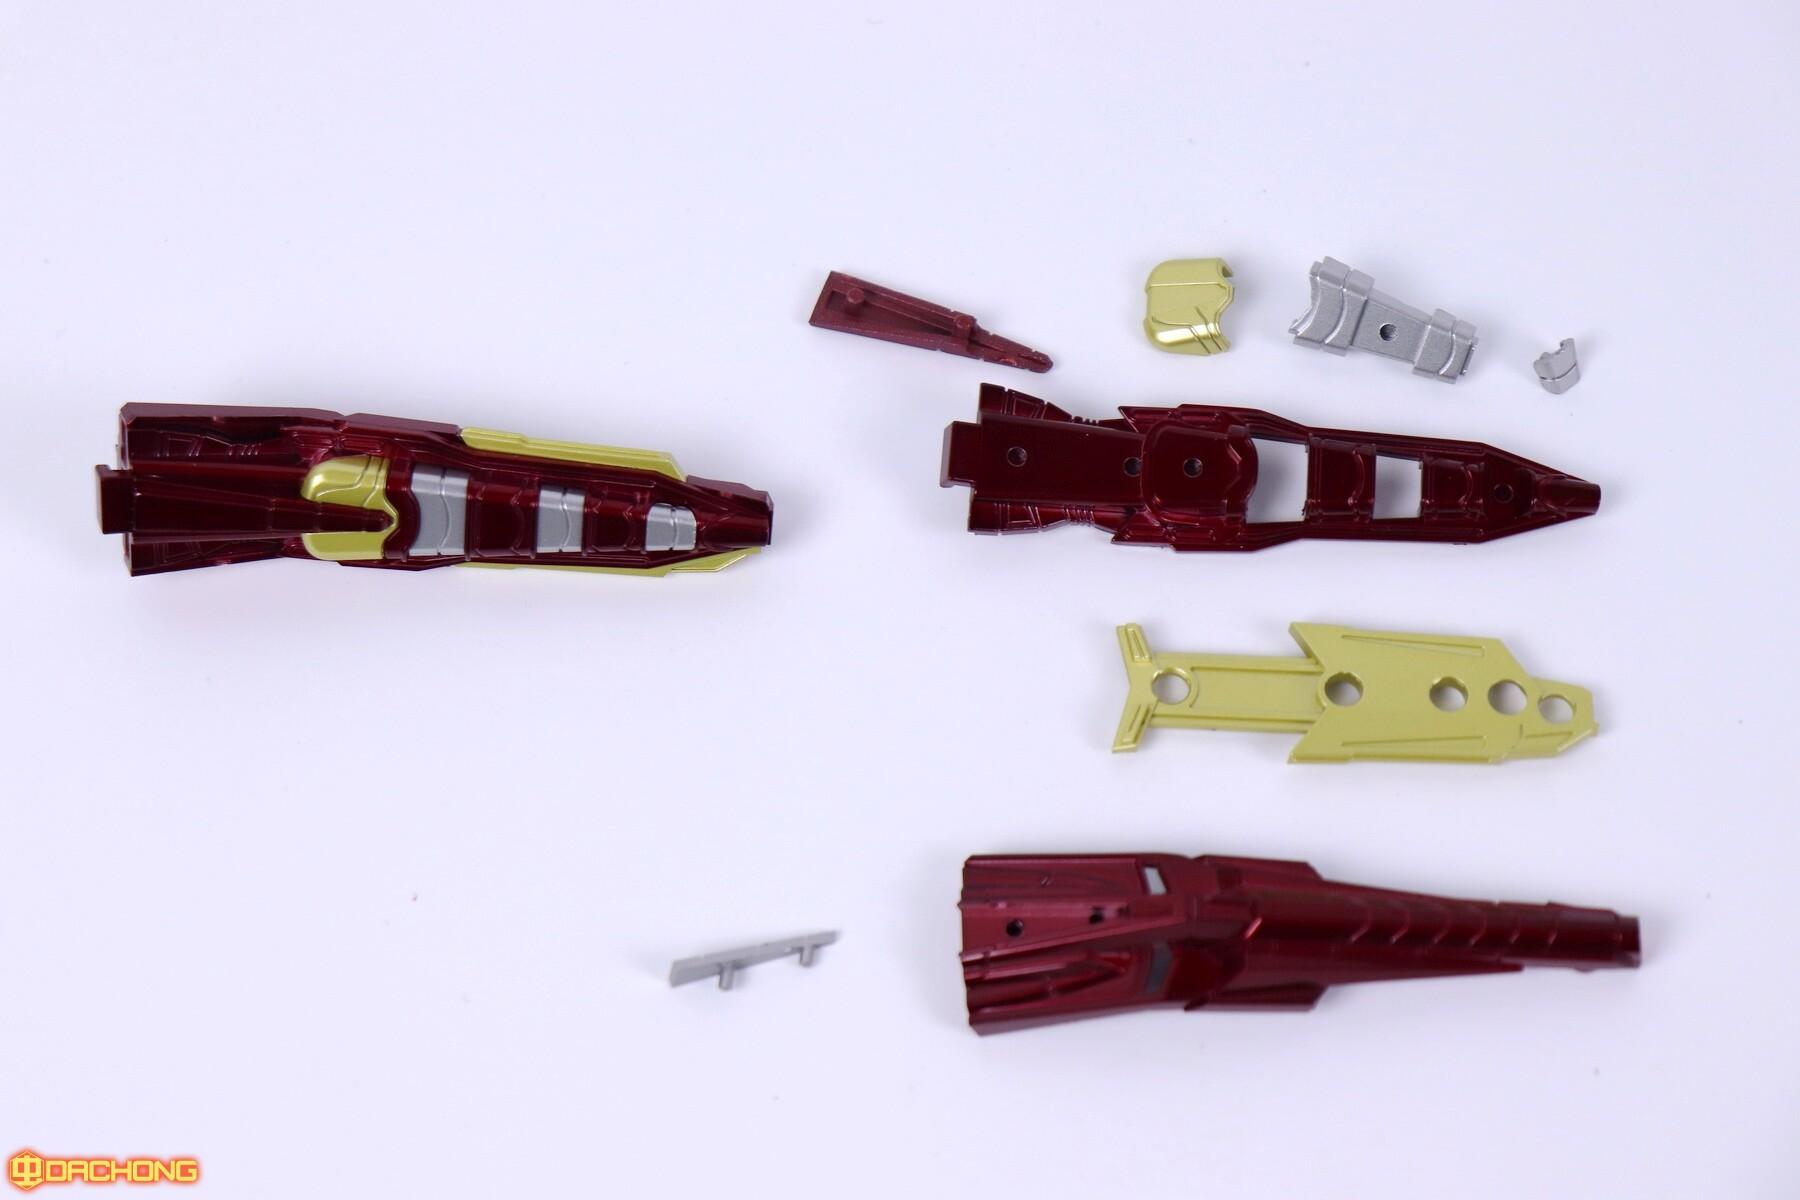 S498_2_e_model_ironman_mk85_dx_027.jpg